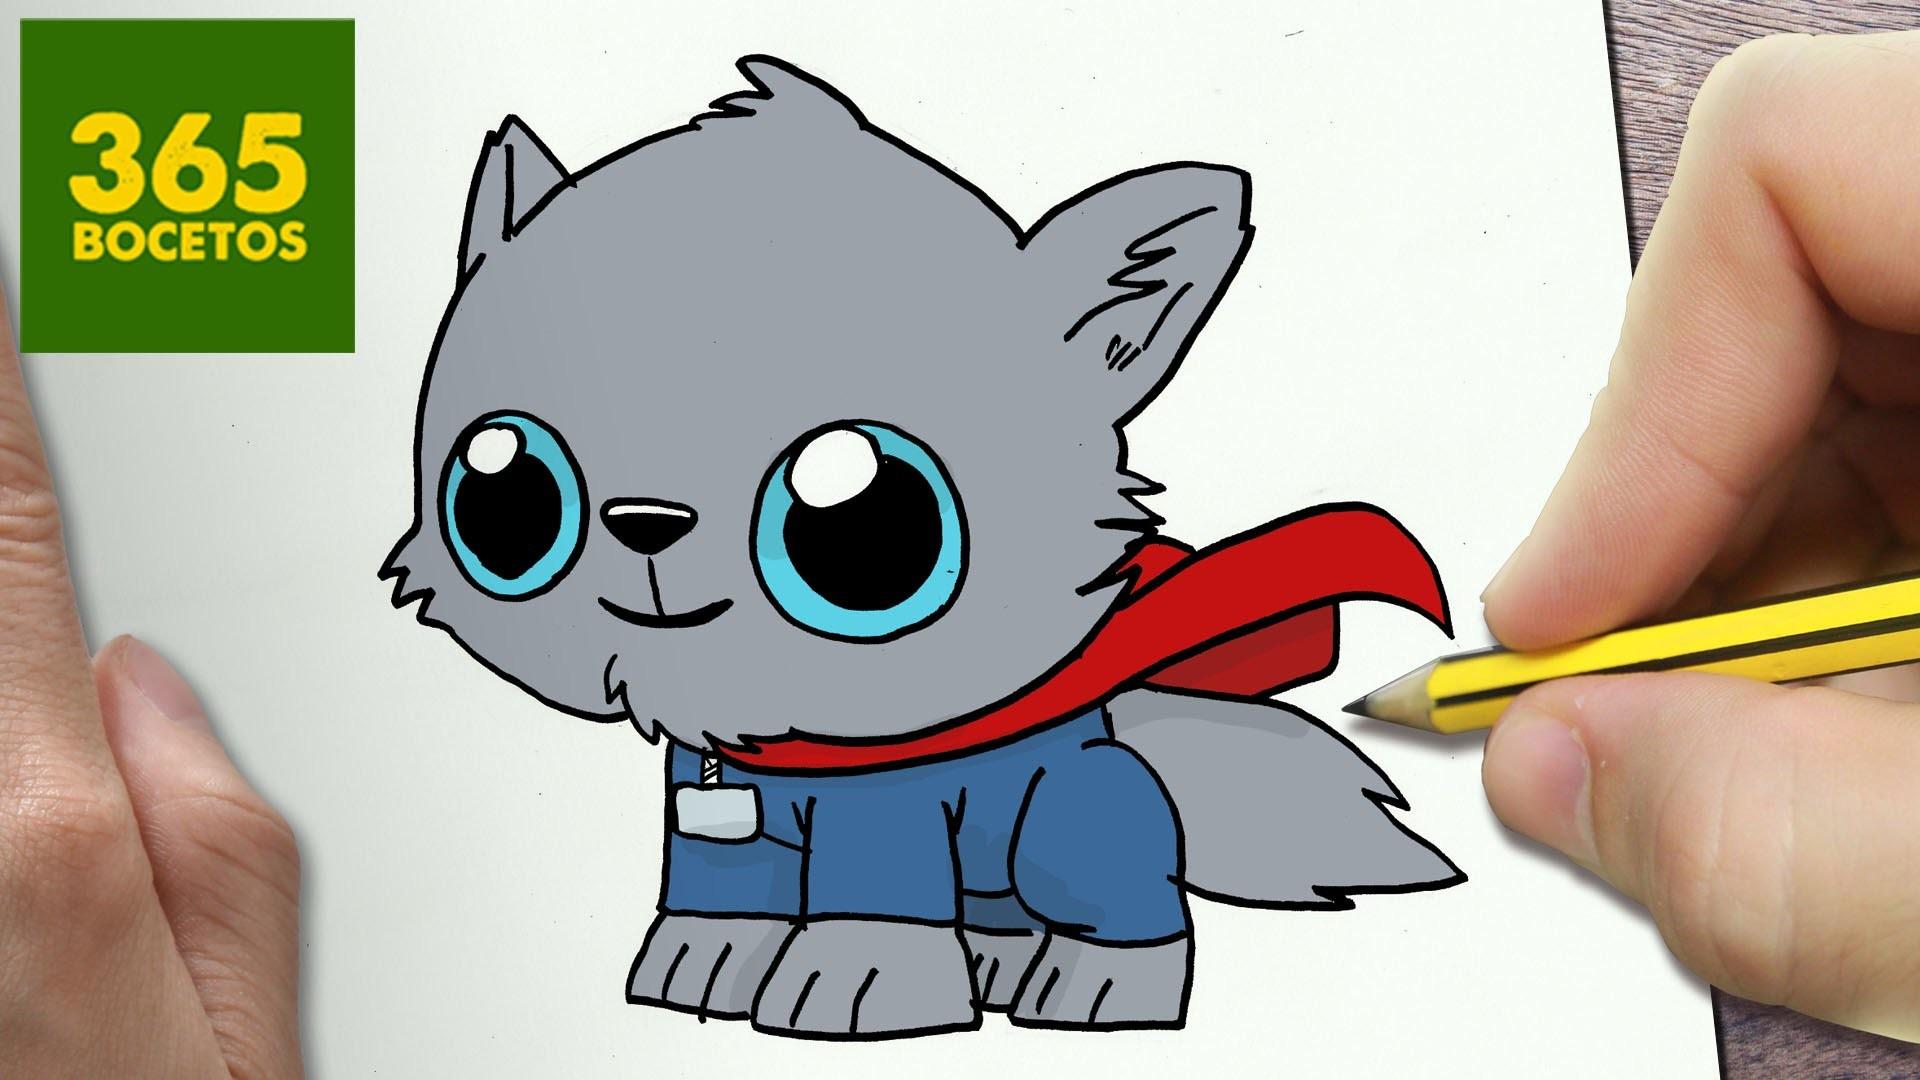 365bocetos Super Heroes